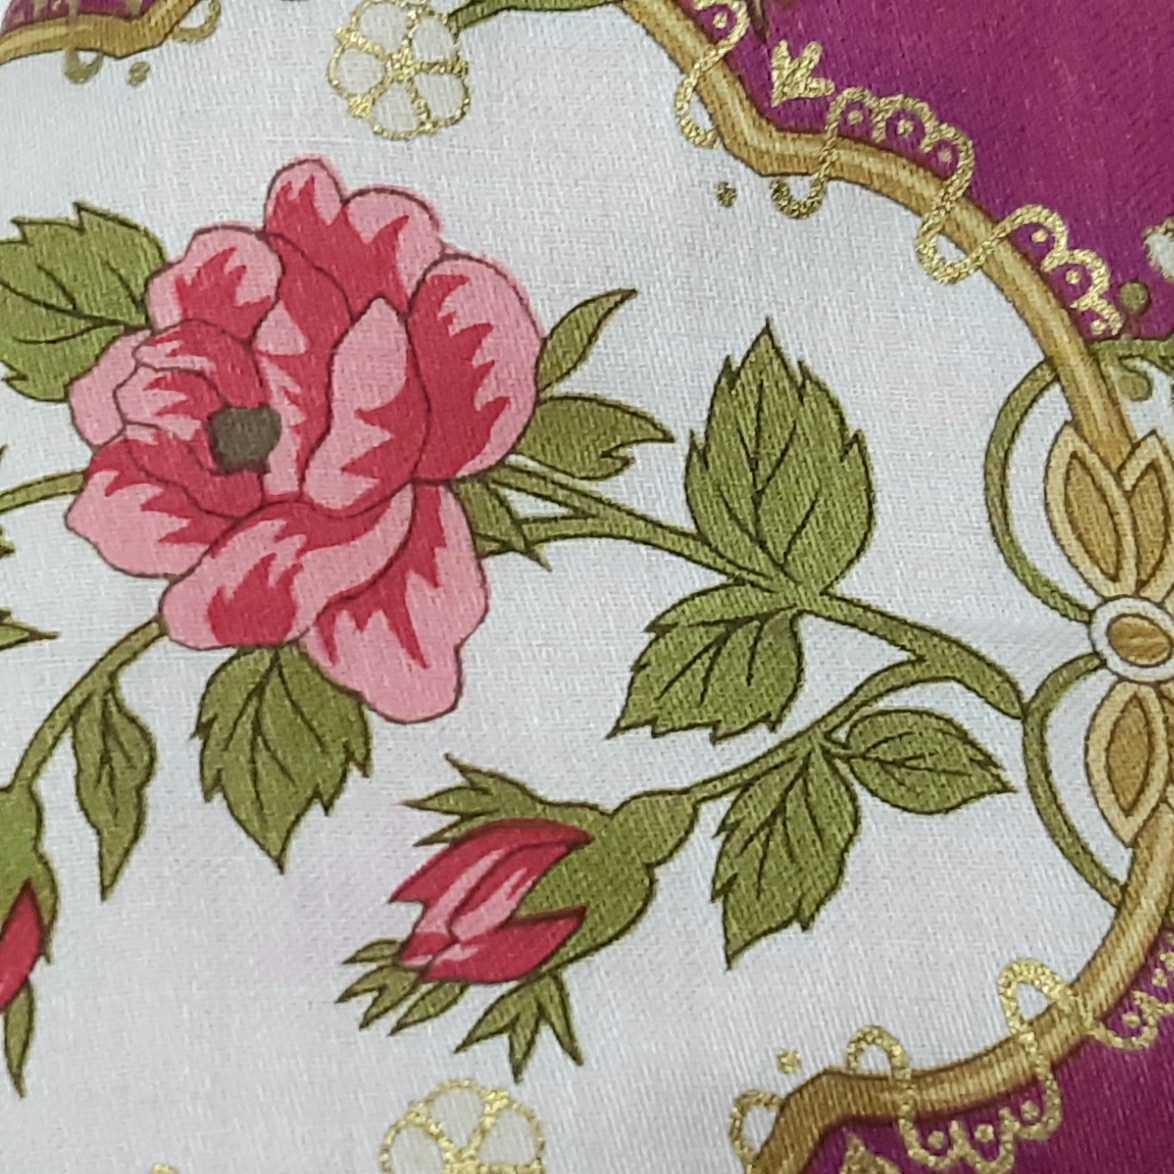 大きめ アナスイ ANNA SUI ピンク 新品花柄ハンカチ使用 インナーマスク オフ白ダブルガーゼ ハンドメイド _画像6